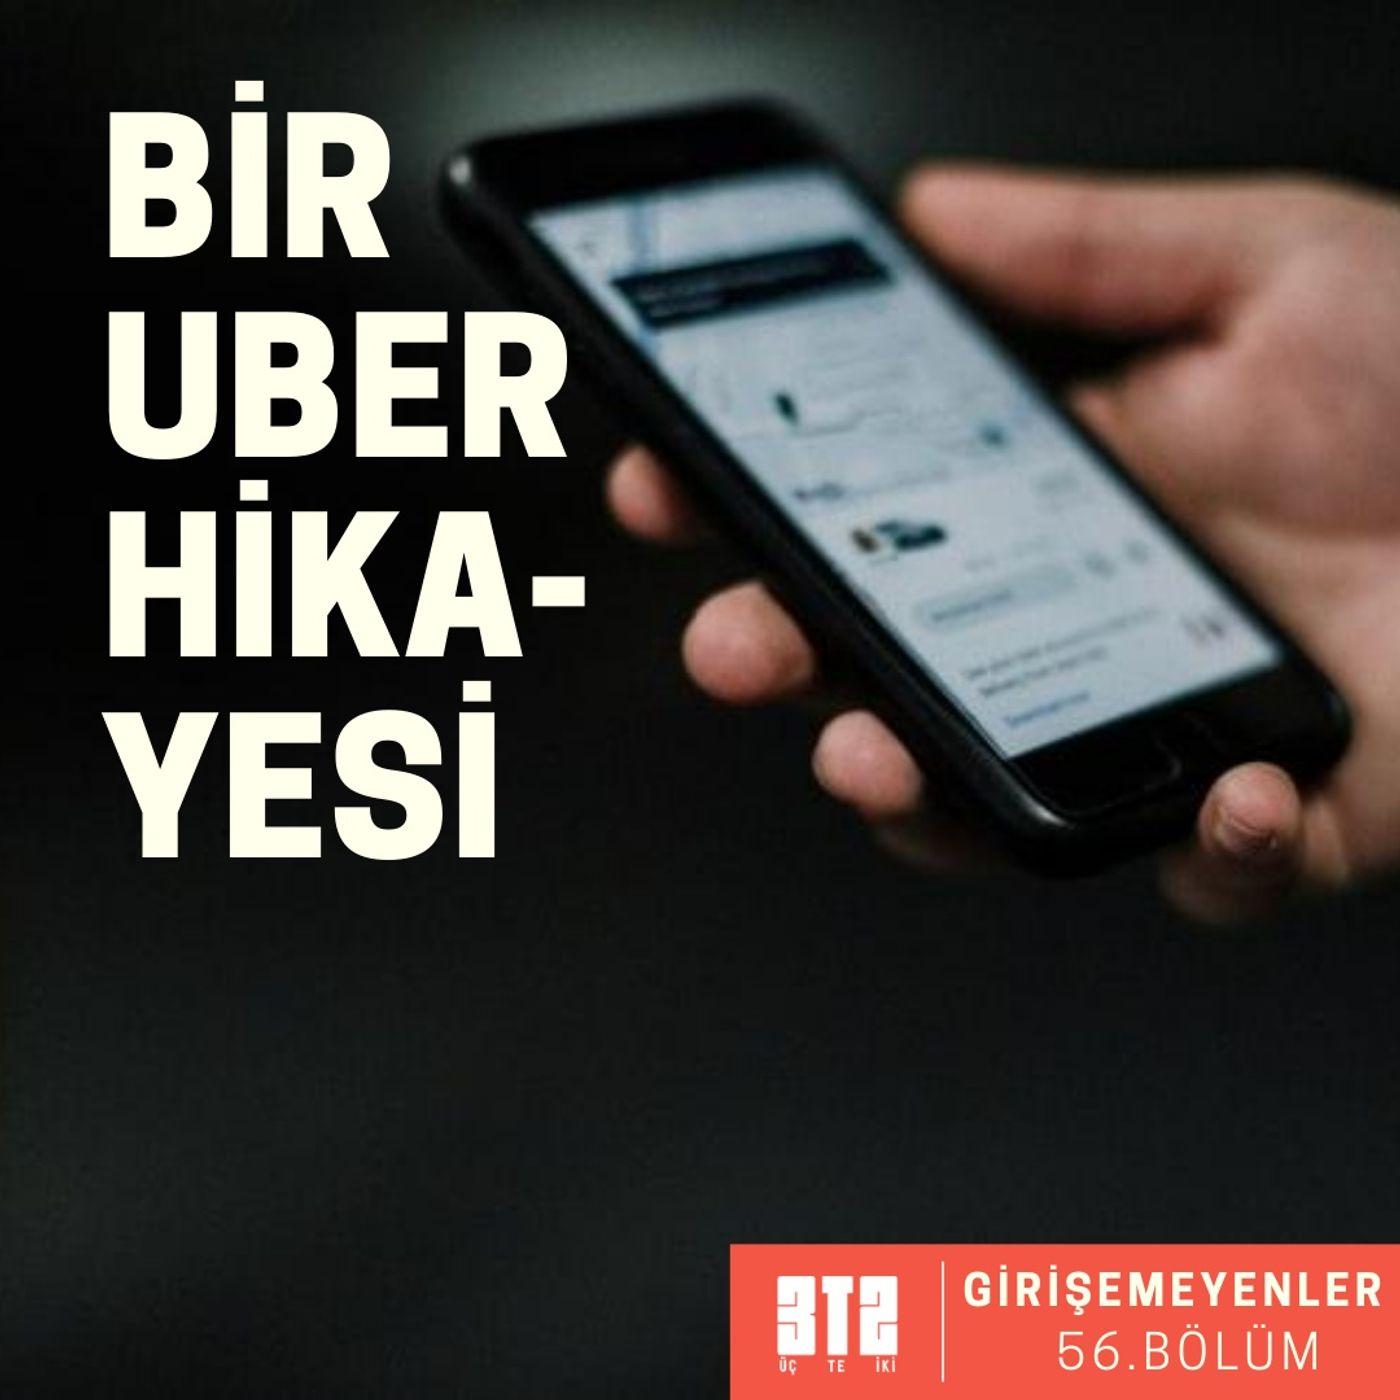 GİRİŞEMEYENLER.06 - Bir Uber Hikayesi